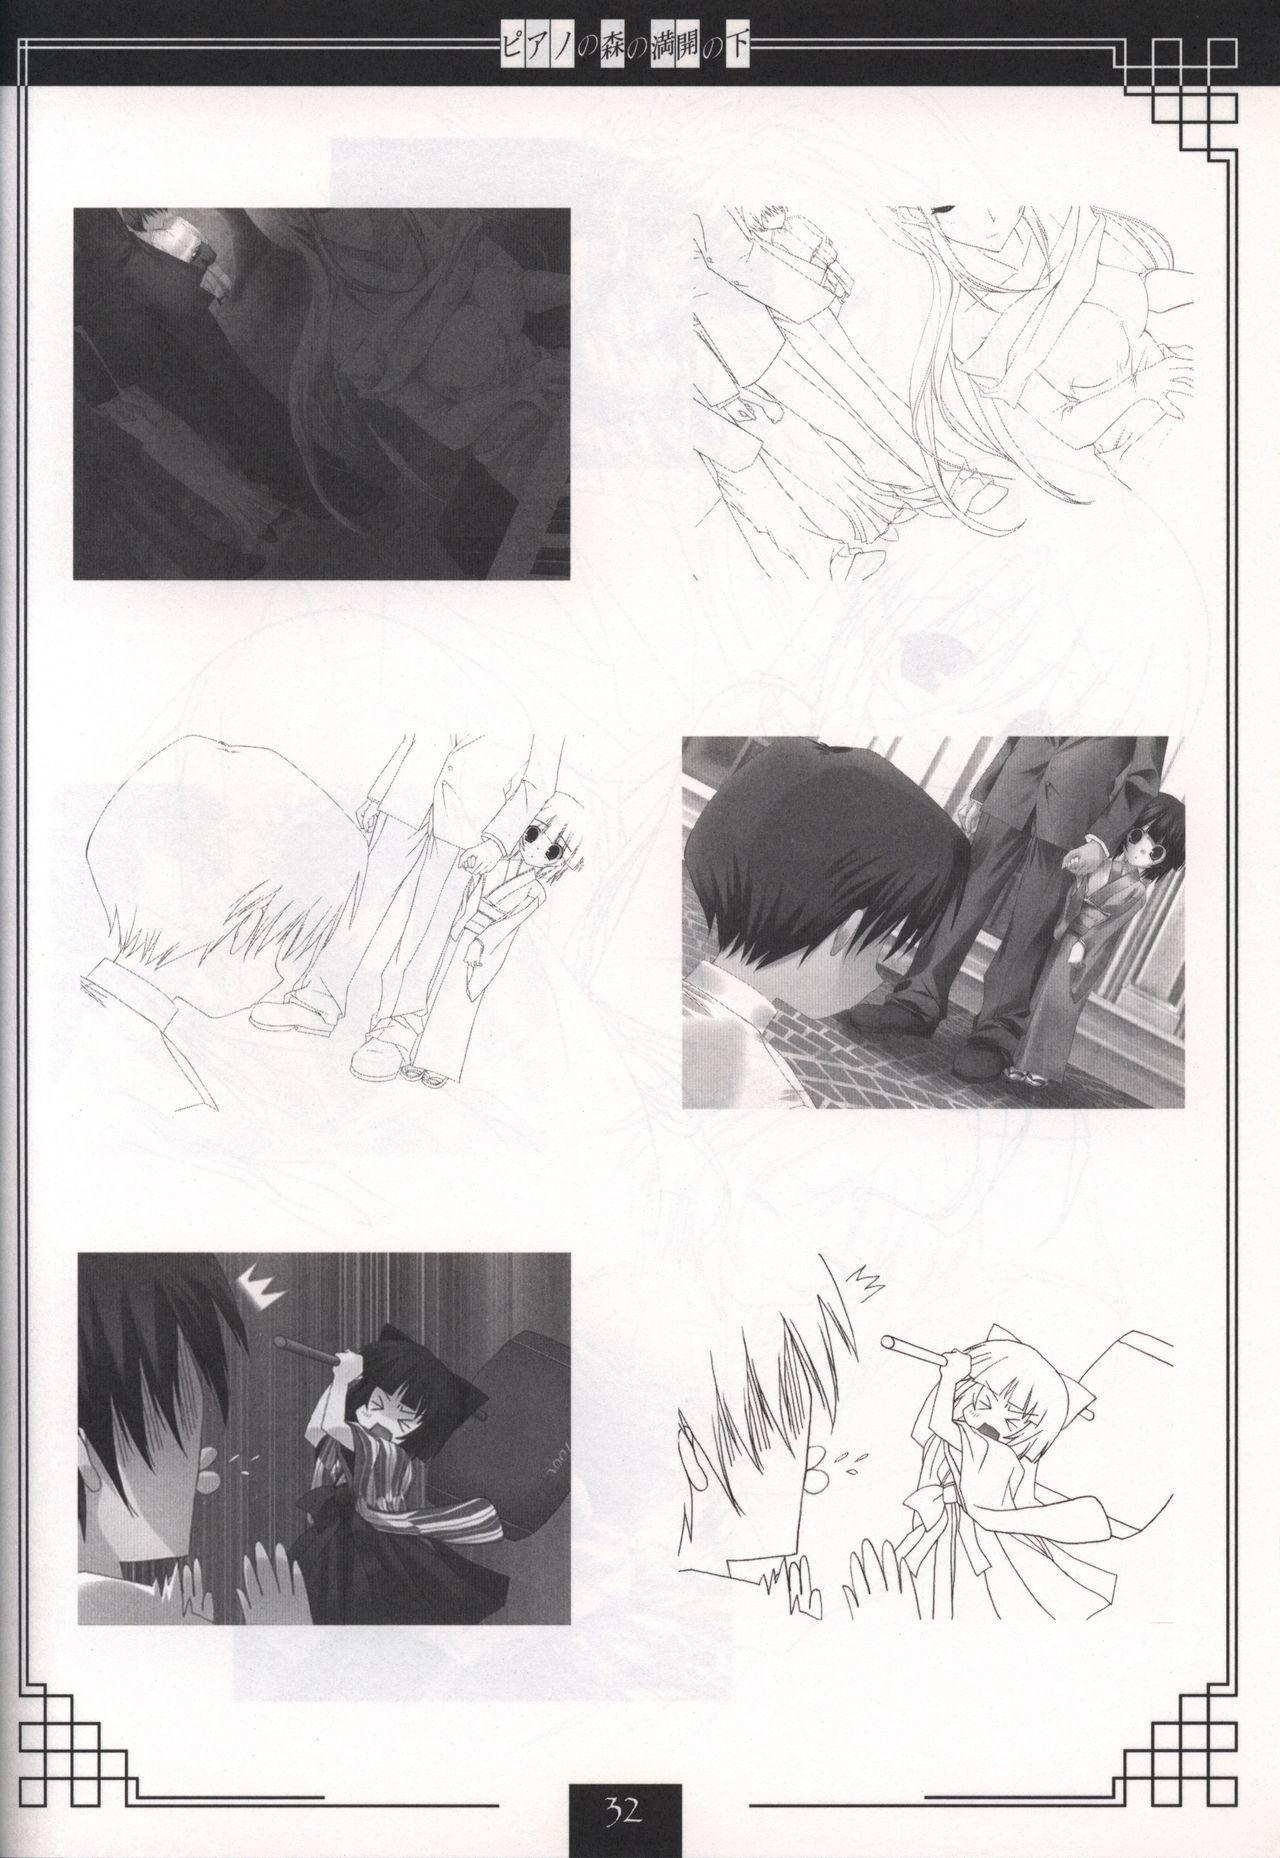 Piano no Mori no Mankai no Shita illustration art book 30